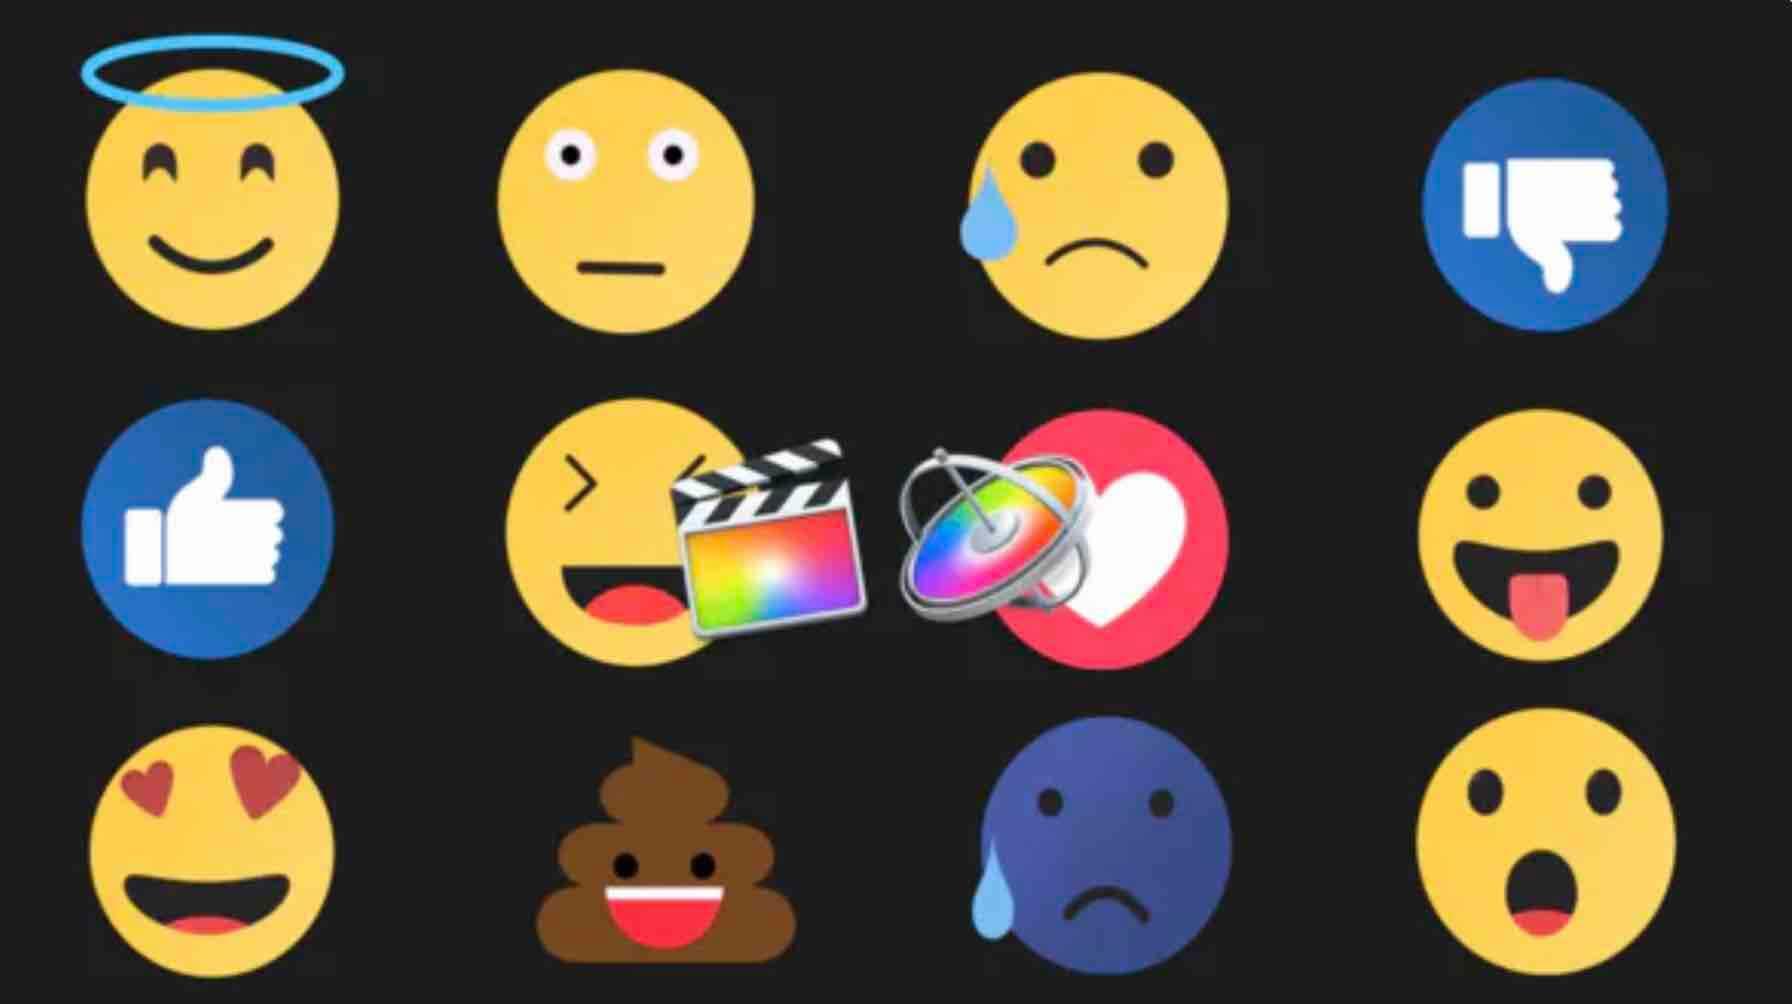 13+种不同的动画表情符号-Emoijs动画包-FCPX插图